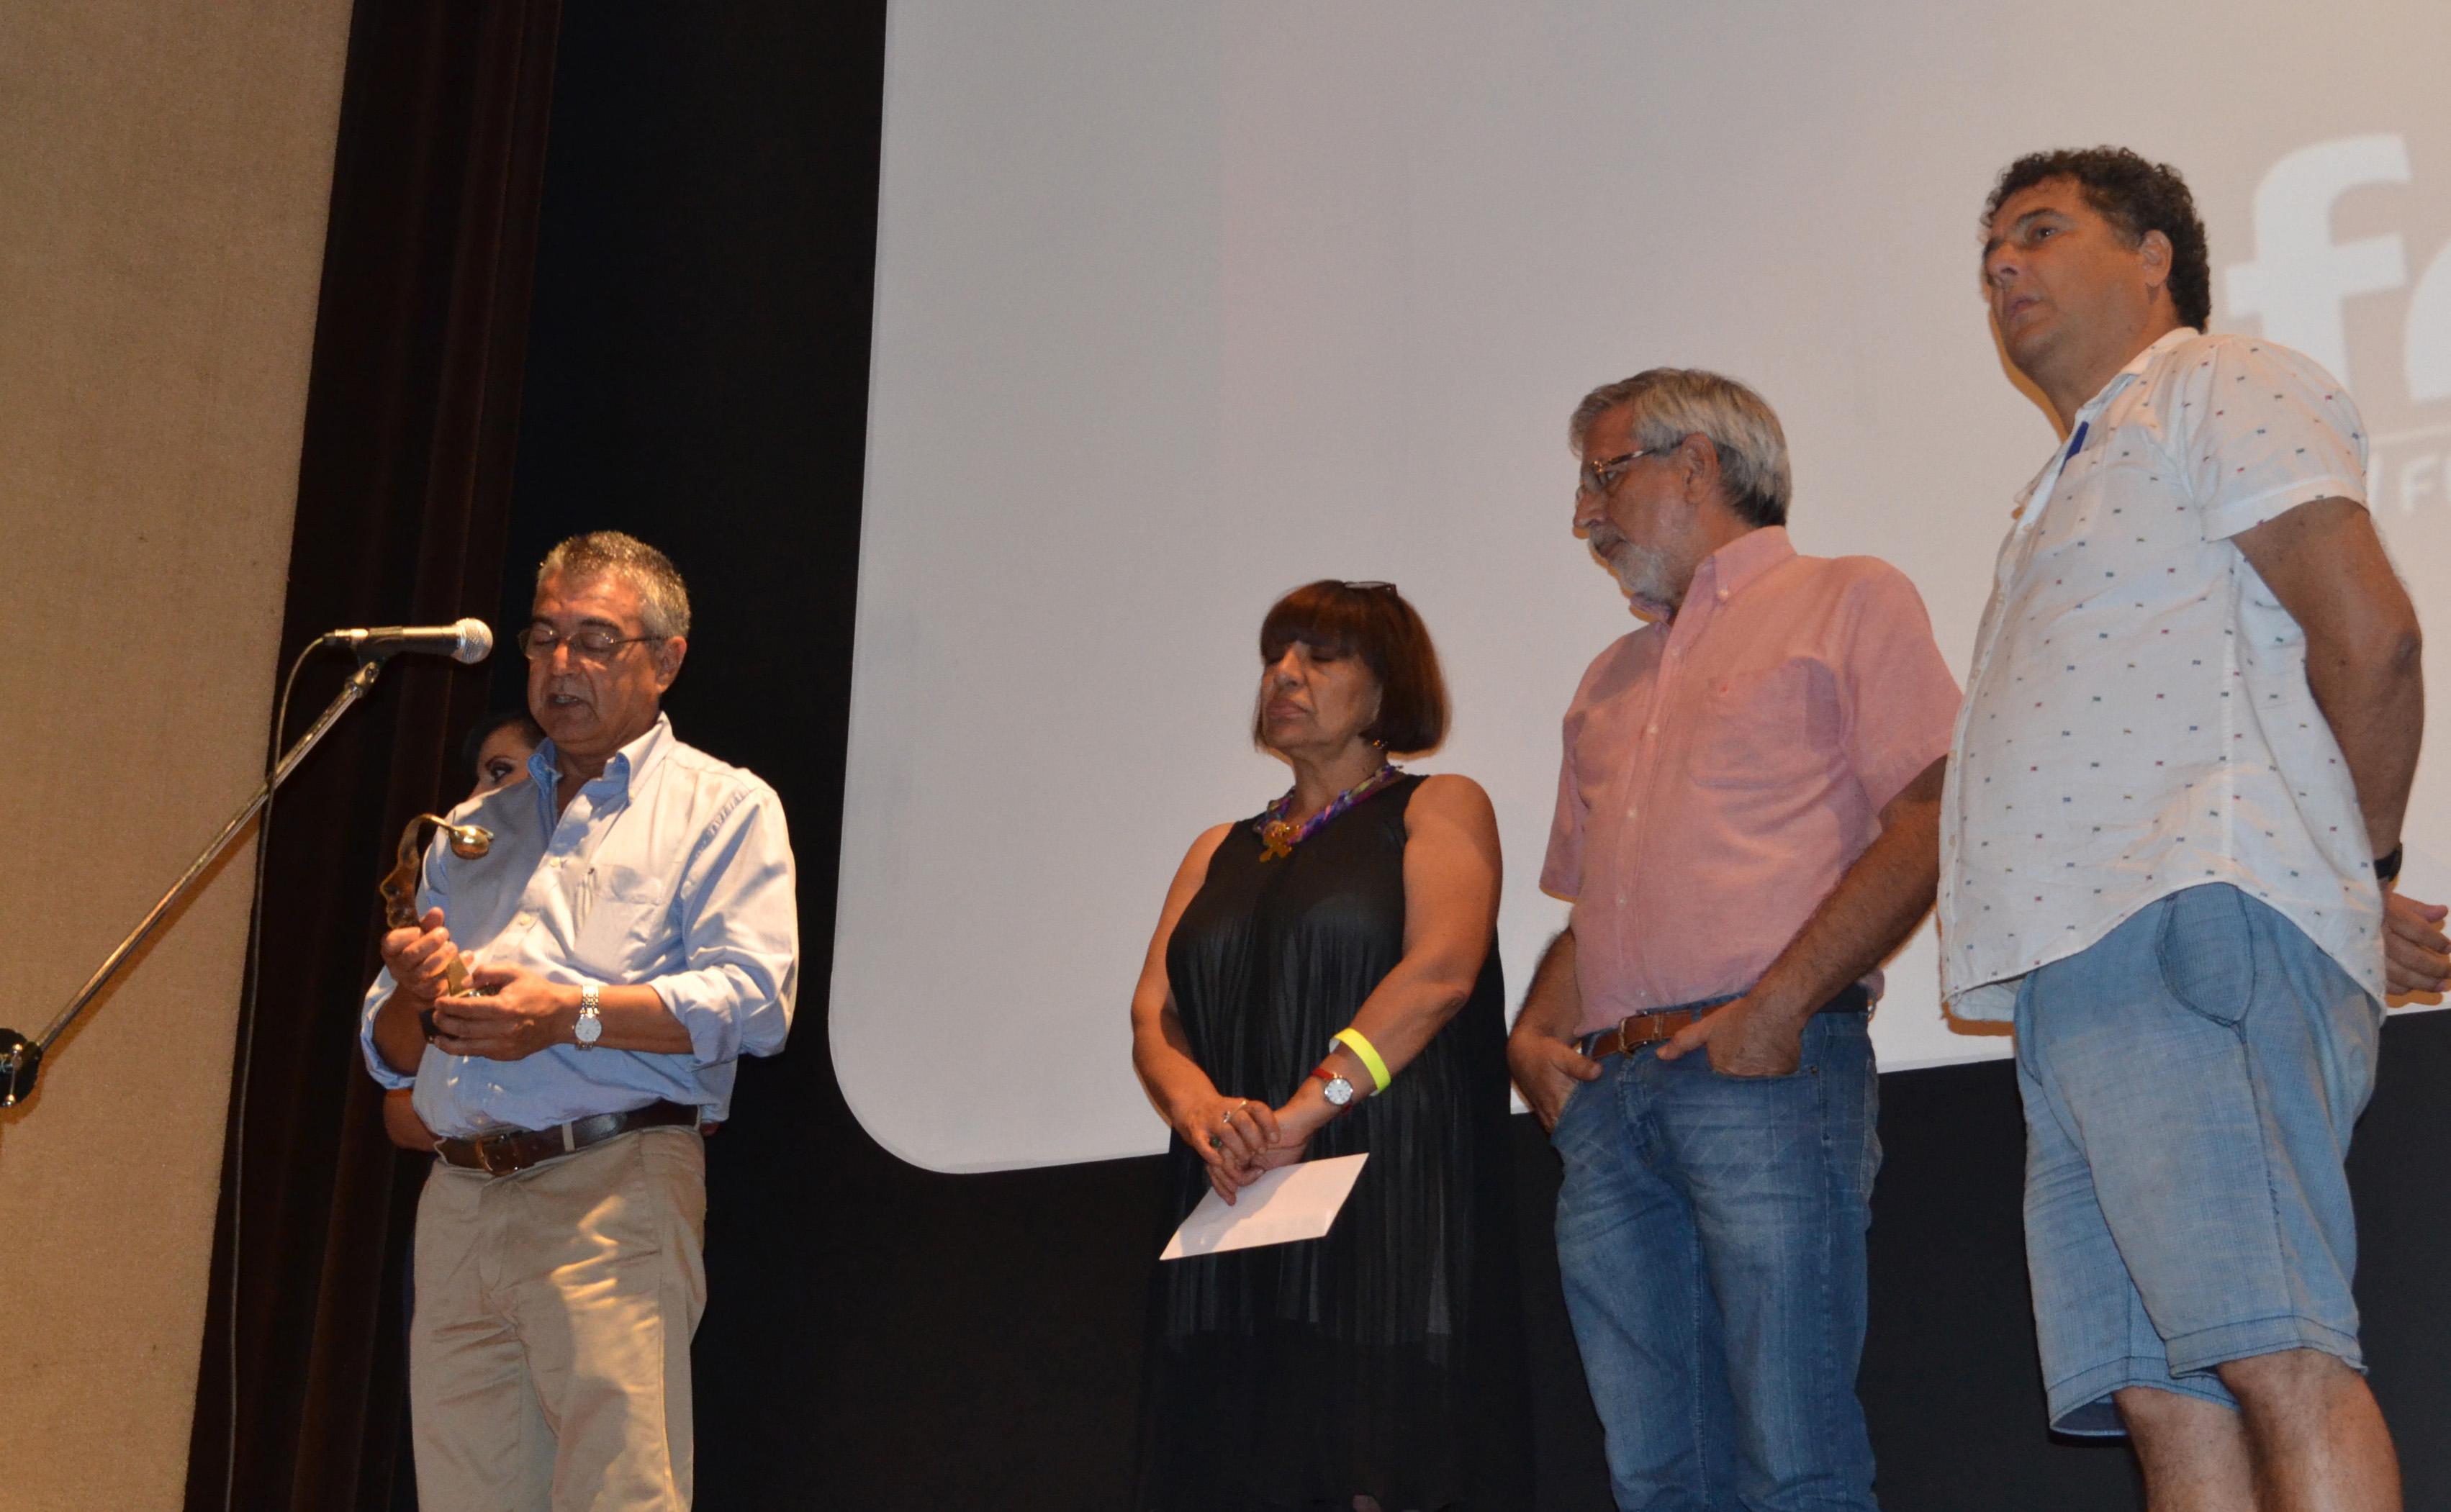 Mr. Kaplan del director Álvaro Brechner en la categoría de 'Mejor largometraje ficción',